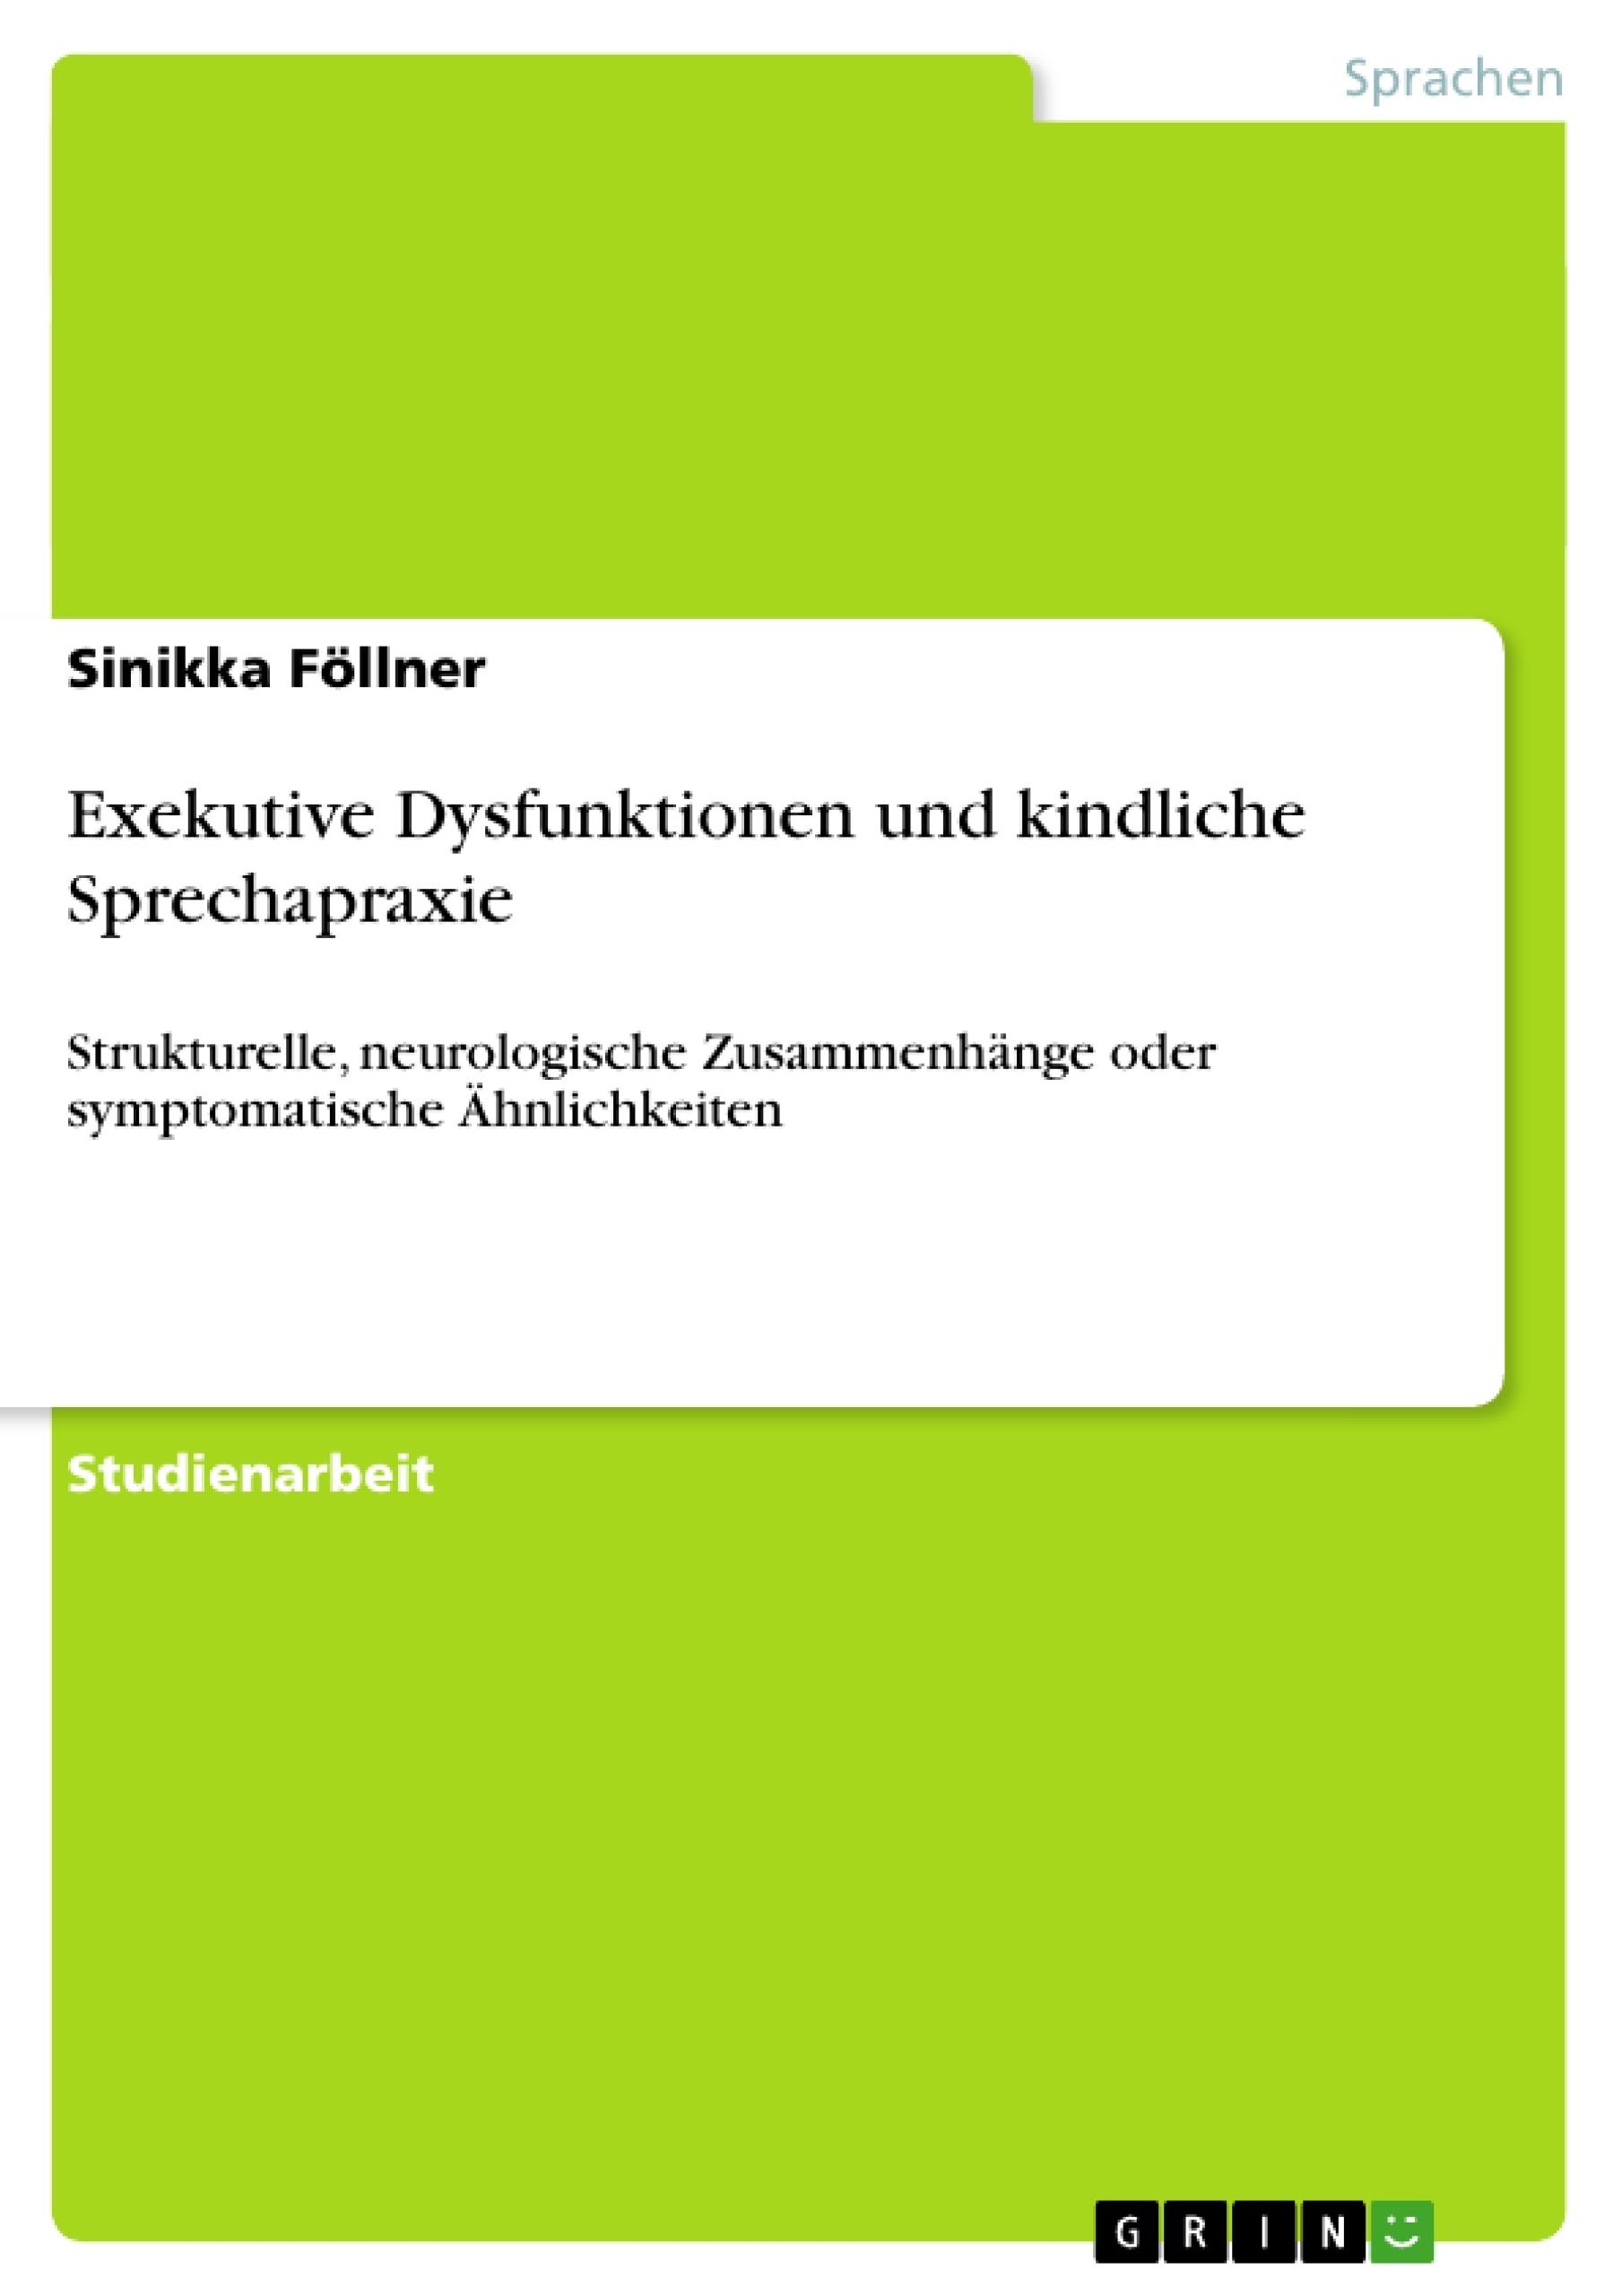 Titel: Exekutive Dysfunktionen und kindliche Sprechapraxie